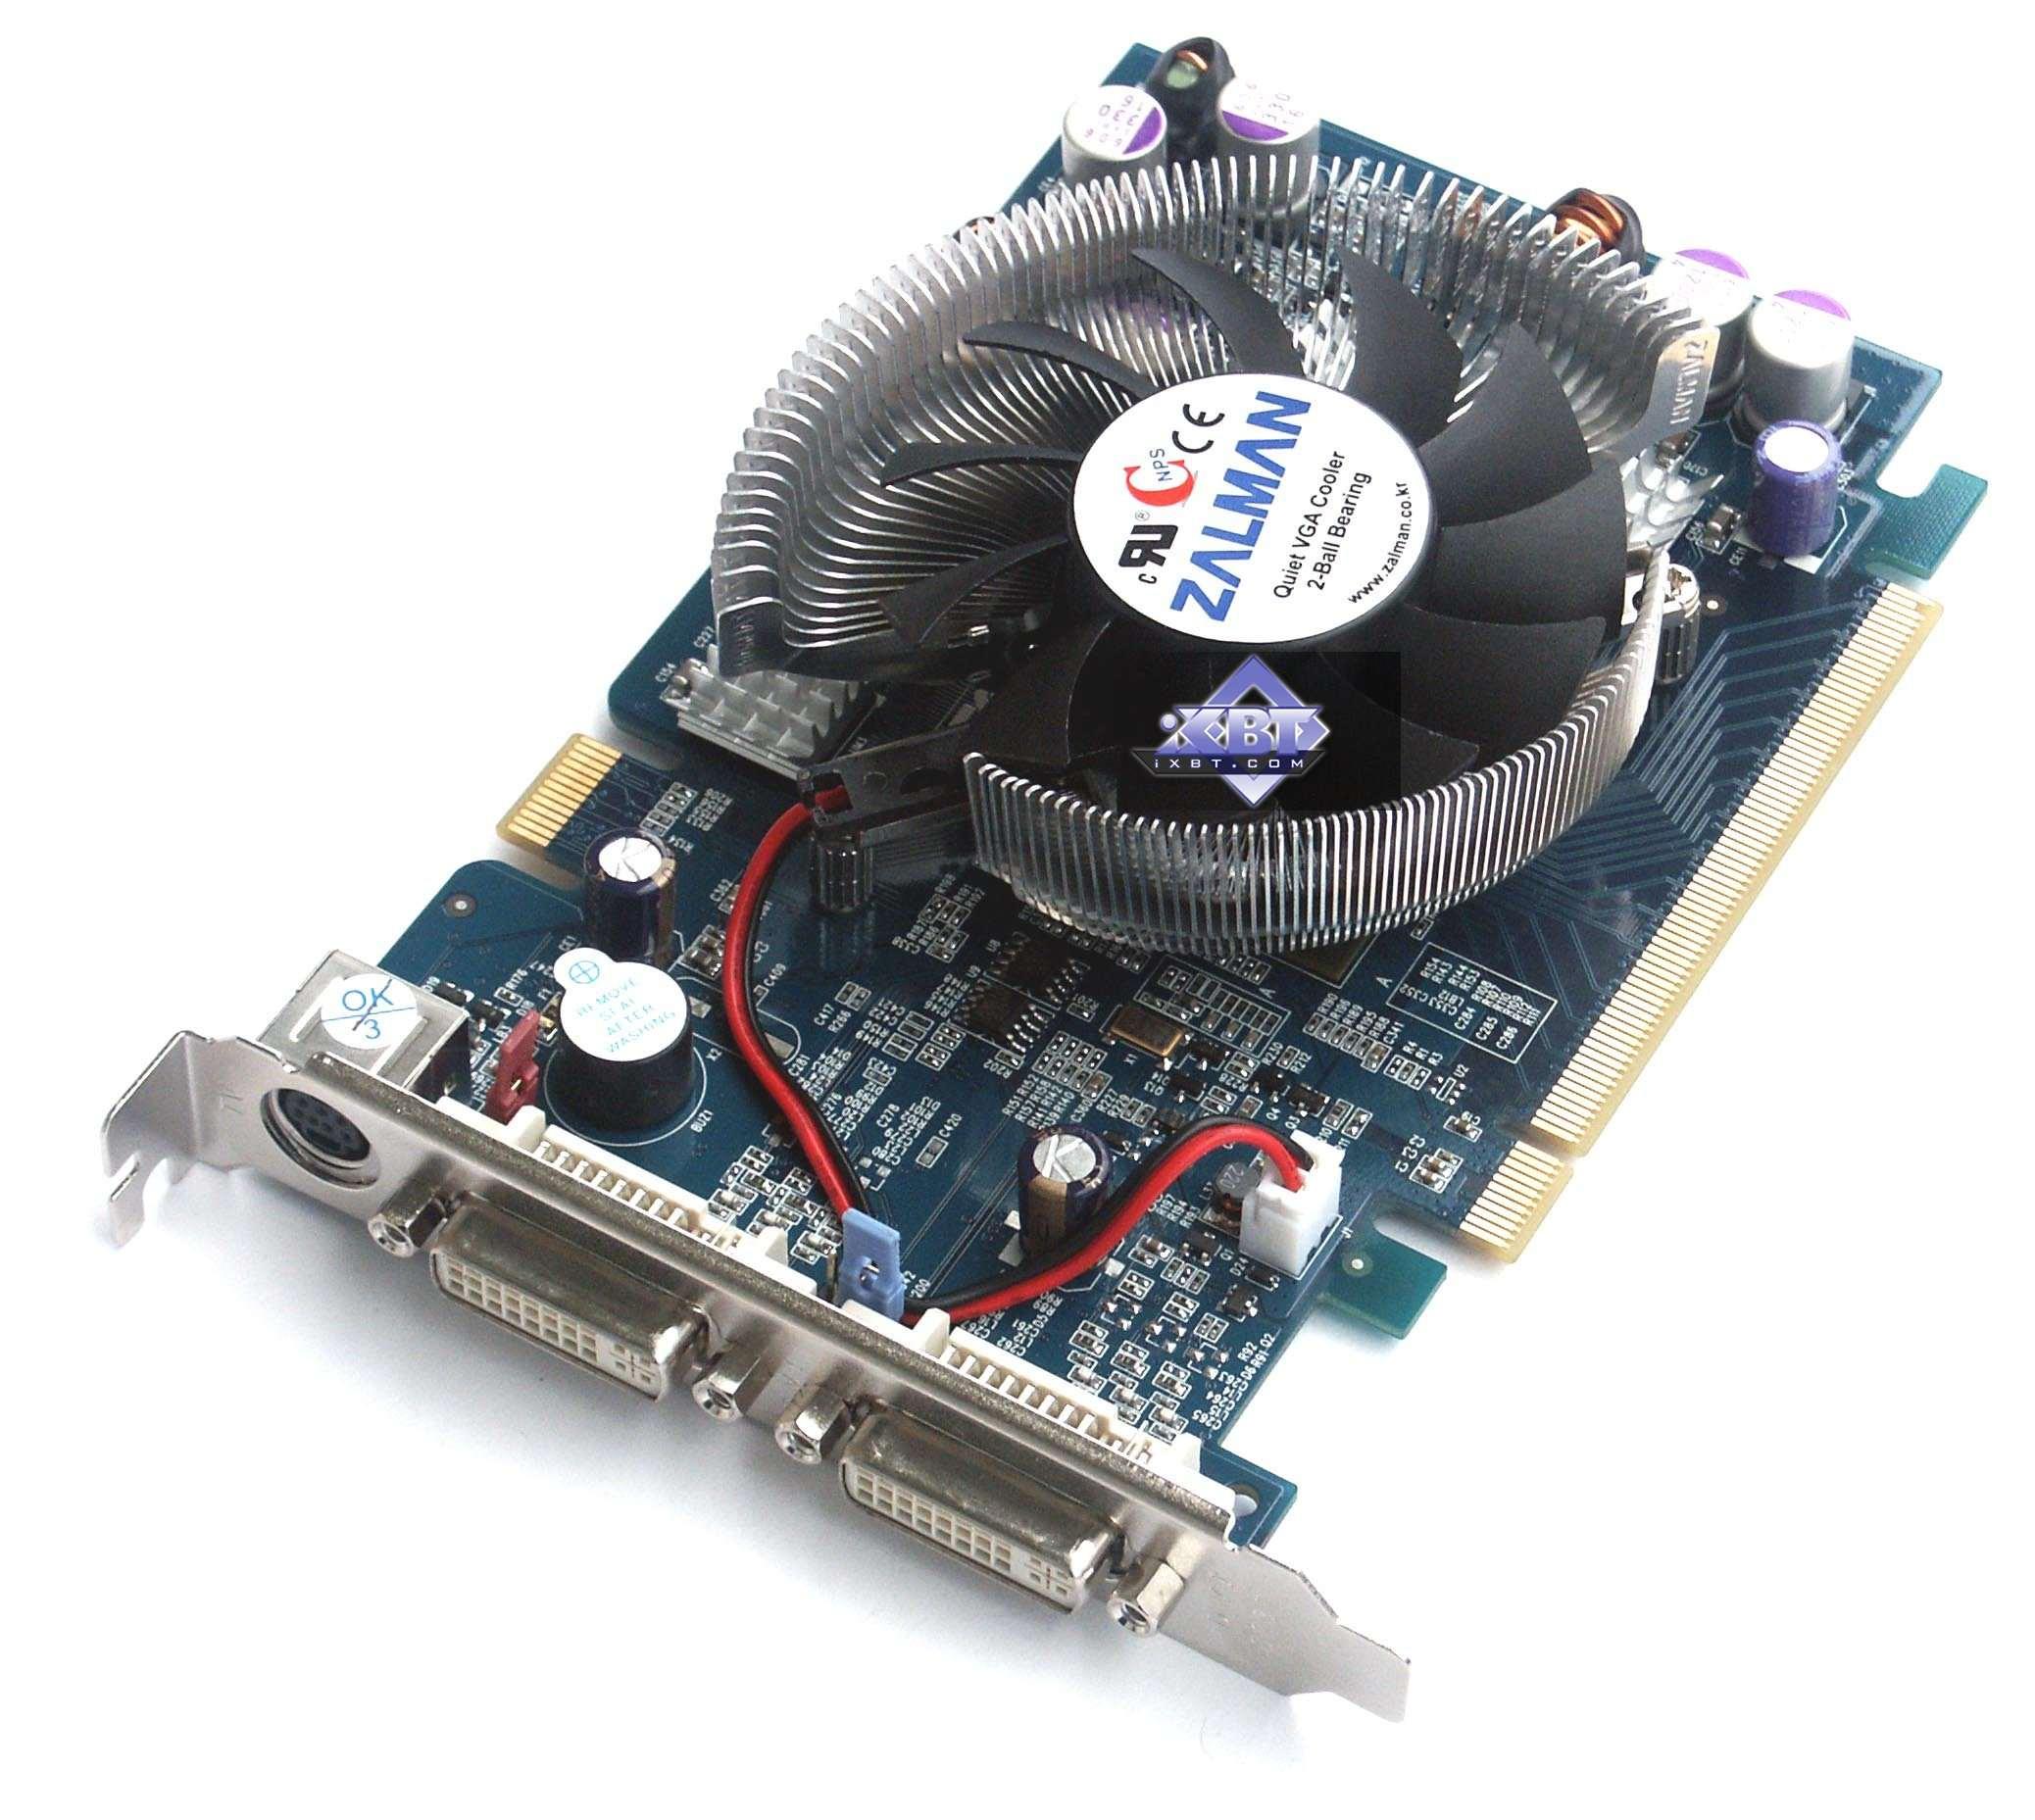 скачать драйвера nvidia geforce 7600 gs